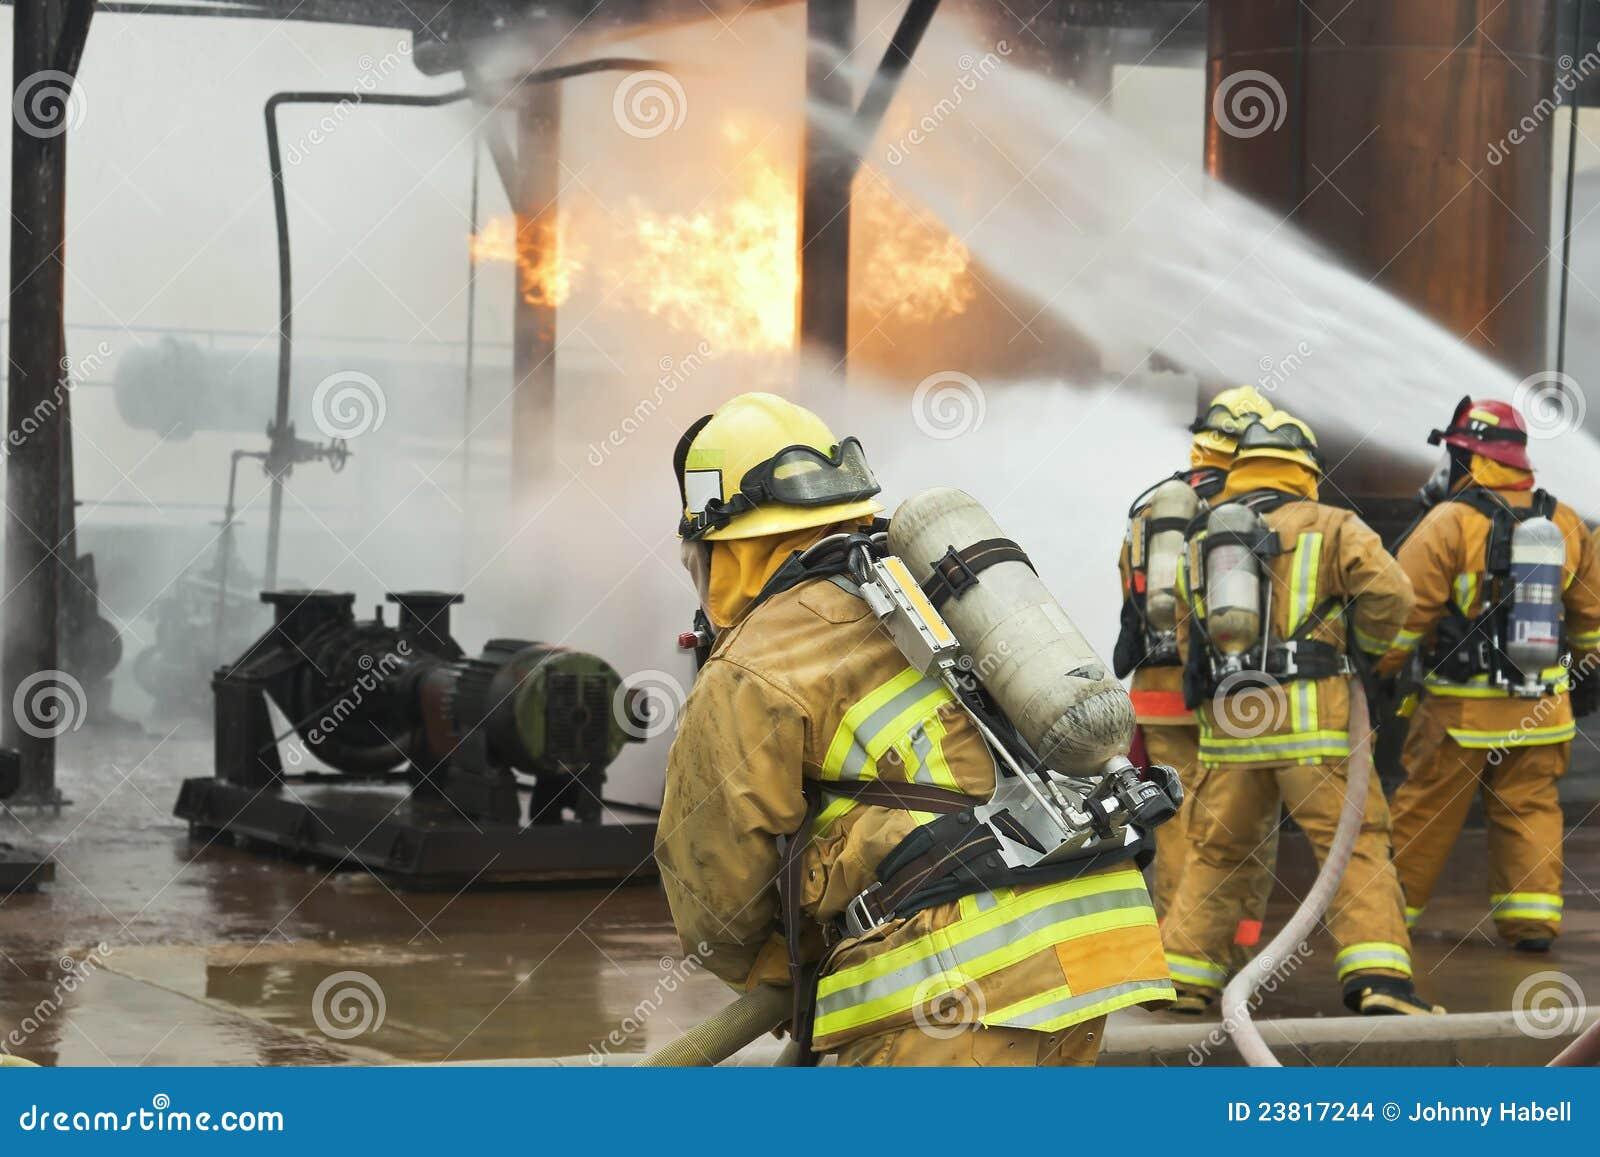 Ziemlich Feuerwehrmann Hut Handwerk Vorlage Bilder - Entry Level ...